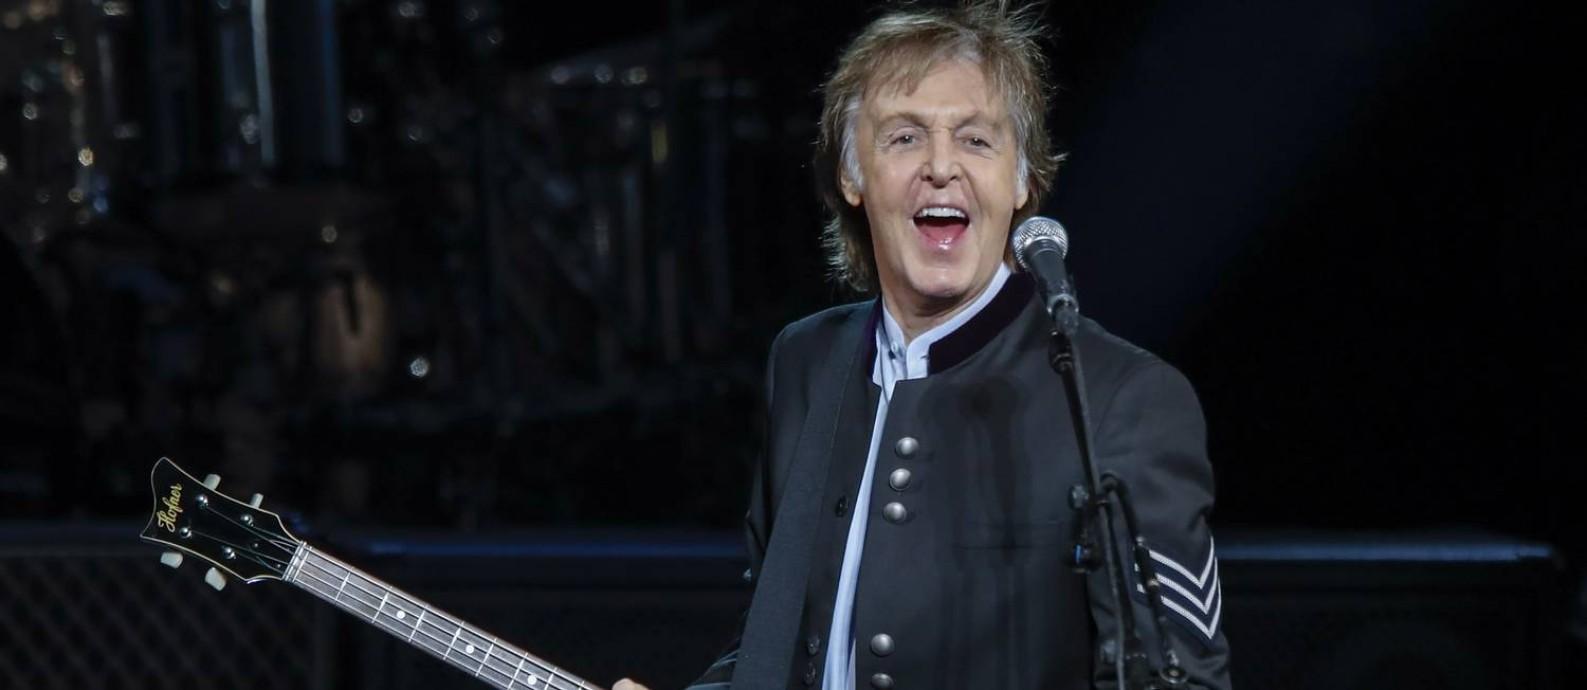 Paul McCartney: show intimista para promover novo álbum Foto: Divulgação / Agência O Globo